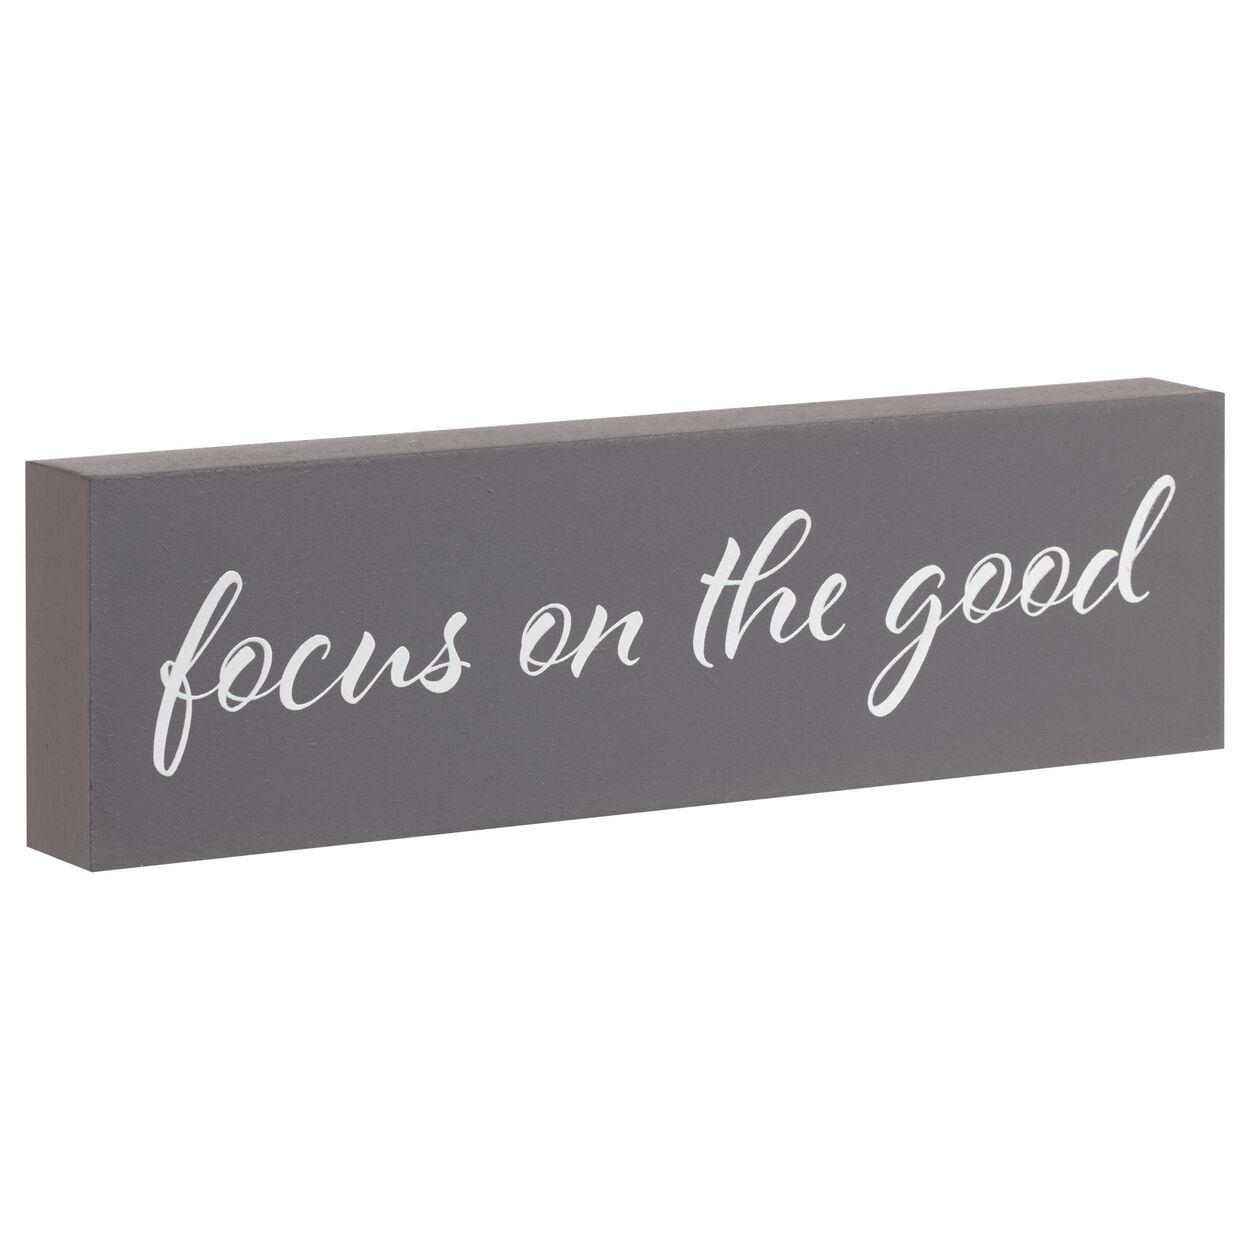 Decorative Block Focus